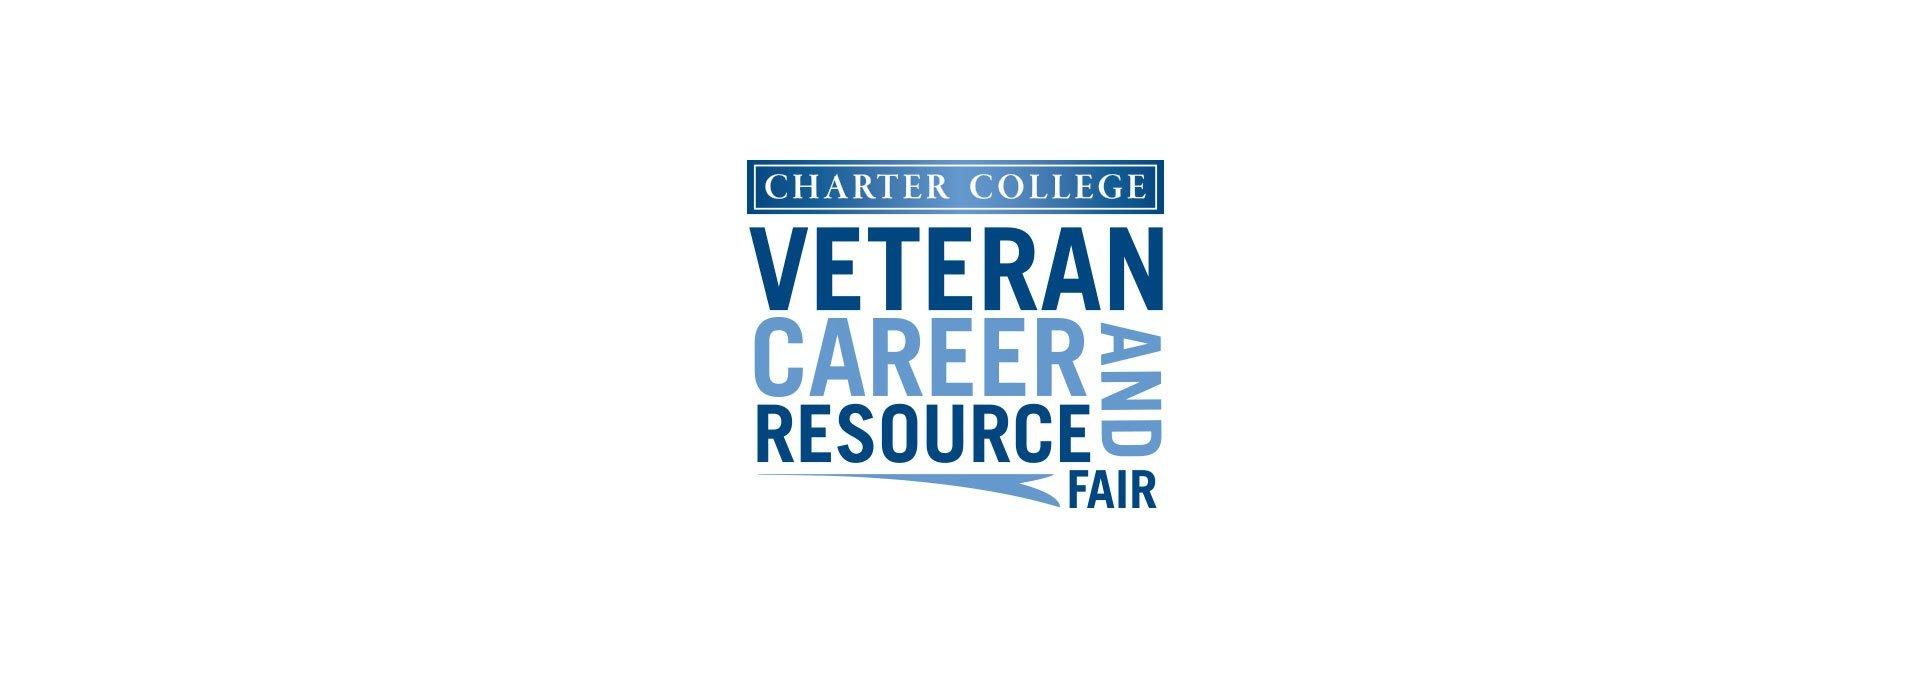 Veteran career fair